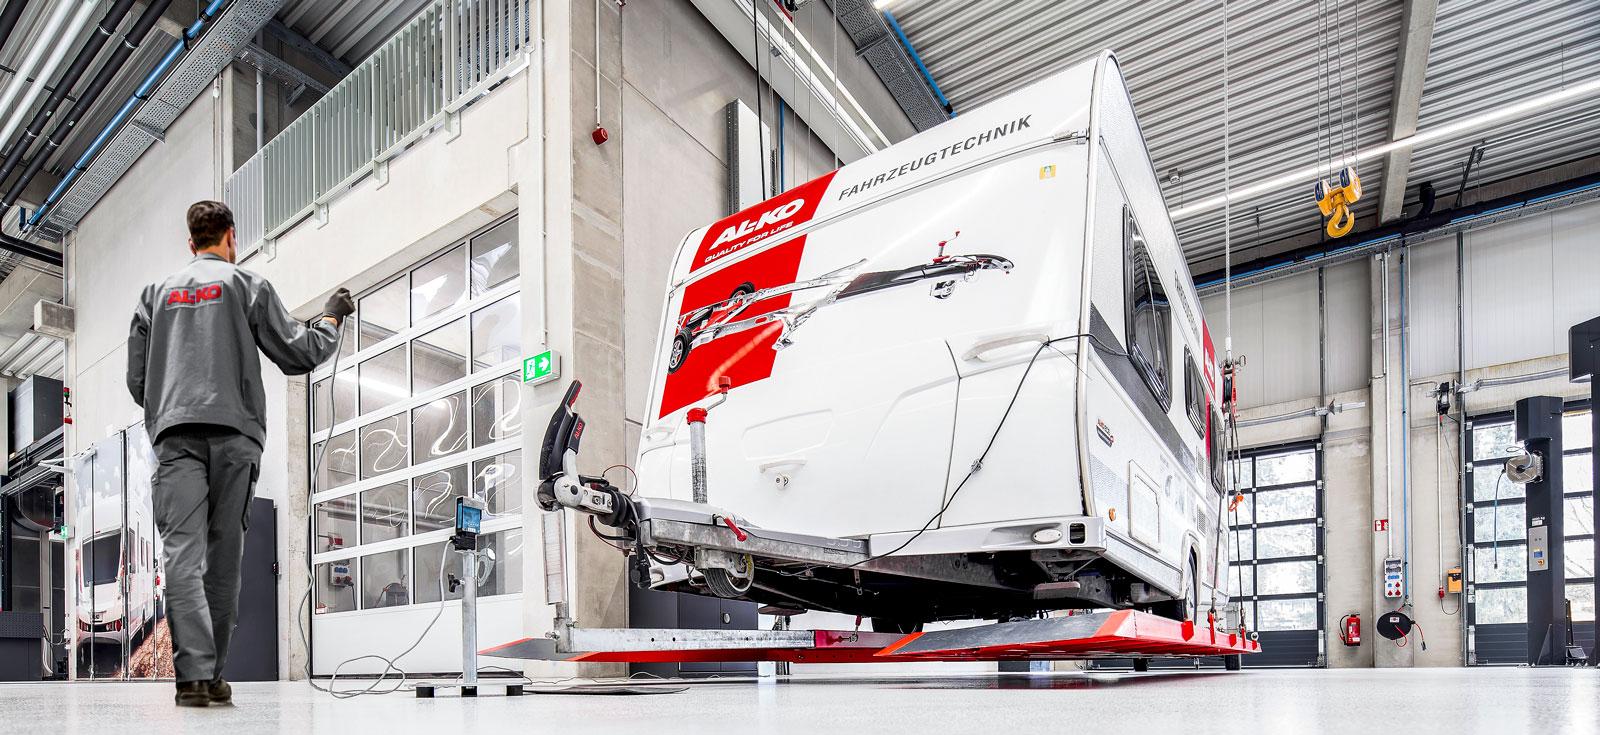 AL-KO har invigt ett nytt produktutvecklingscenter invid det tyska huvudkontoret.  Enligt tillverkaren ska produktionen av nyheter under de kommande åren öka rejält.